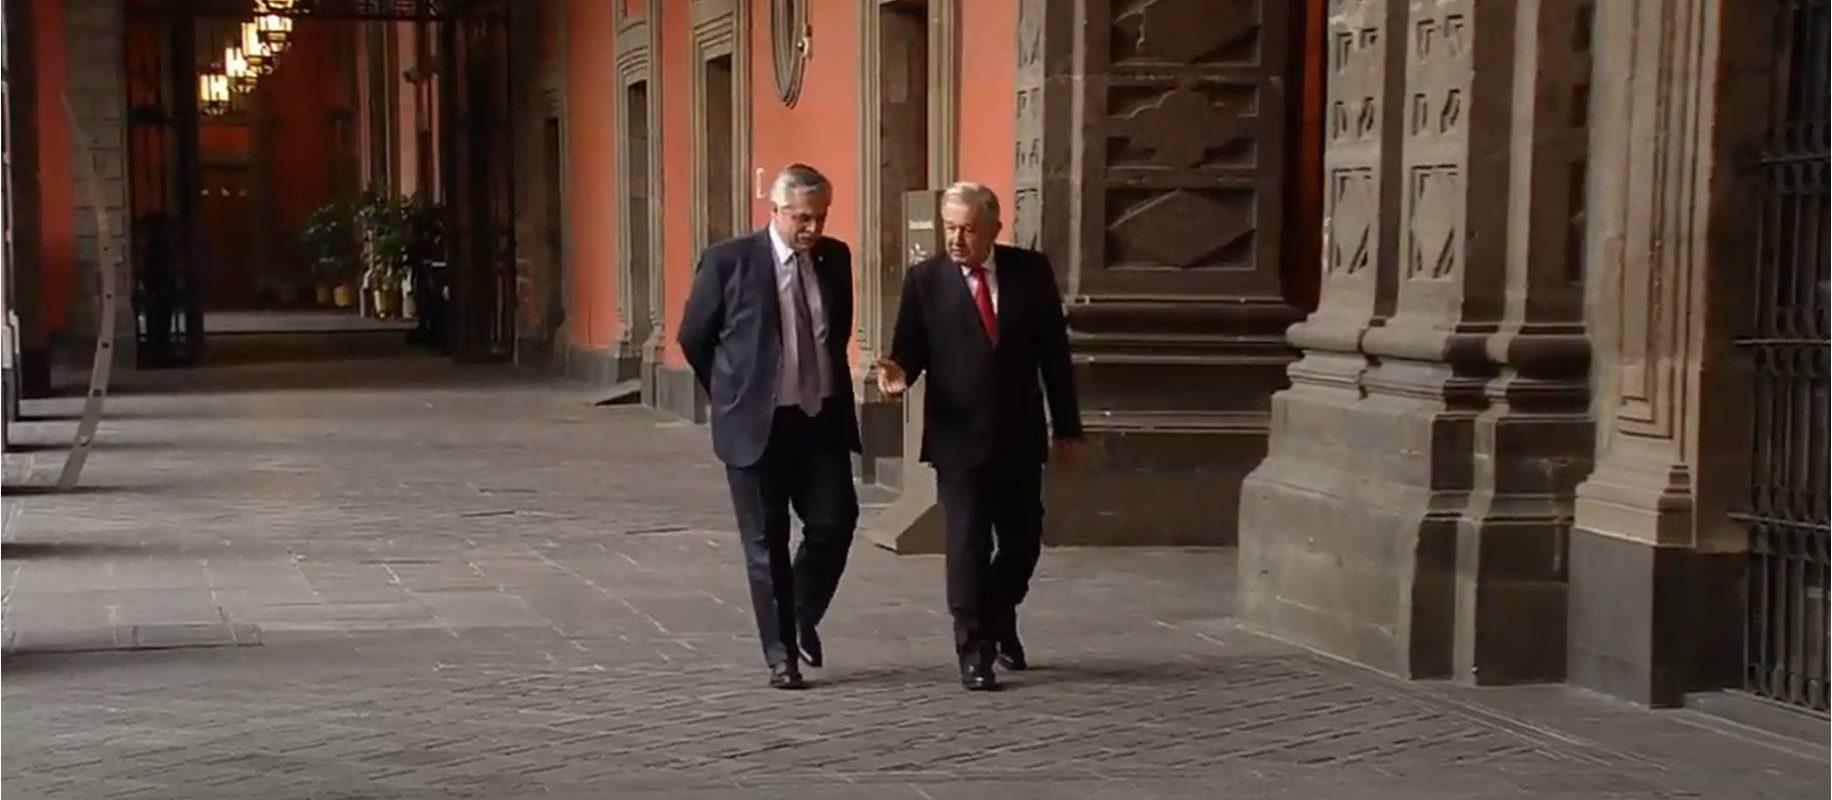 Recibe AMLO a Alberto Fernández; presidente de Argentina en la mañanera | NRT México